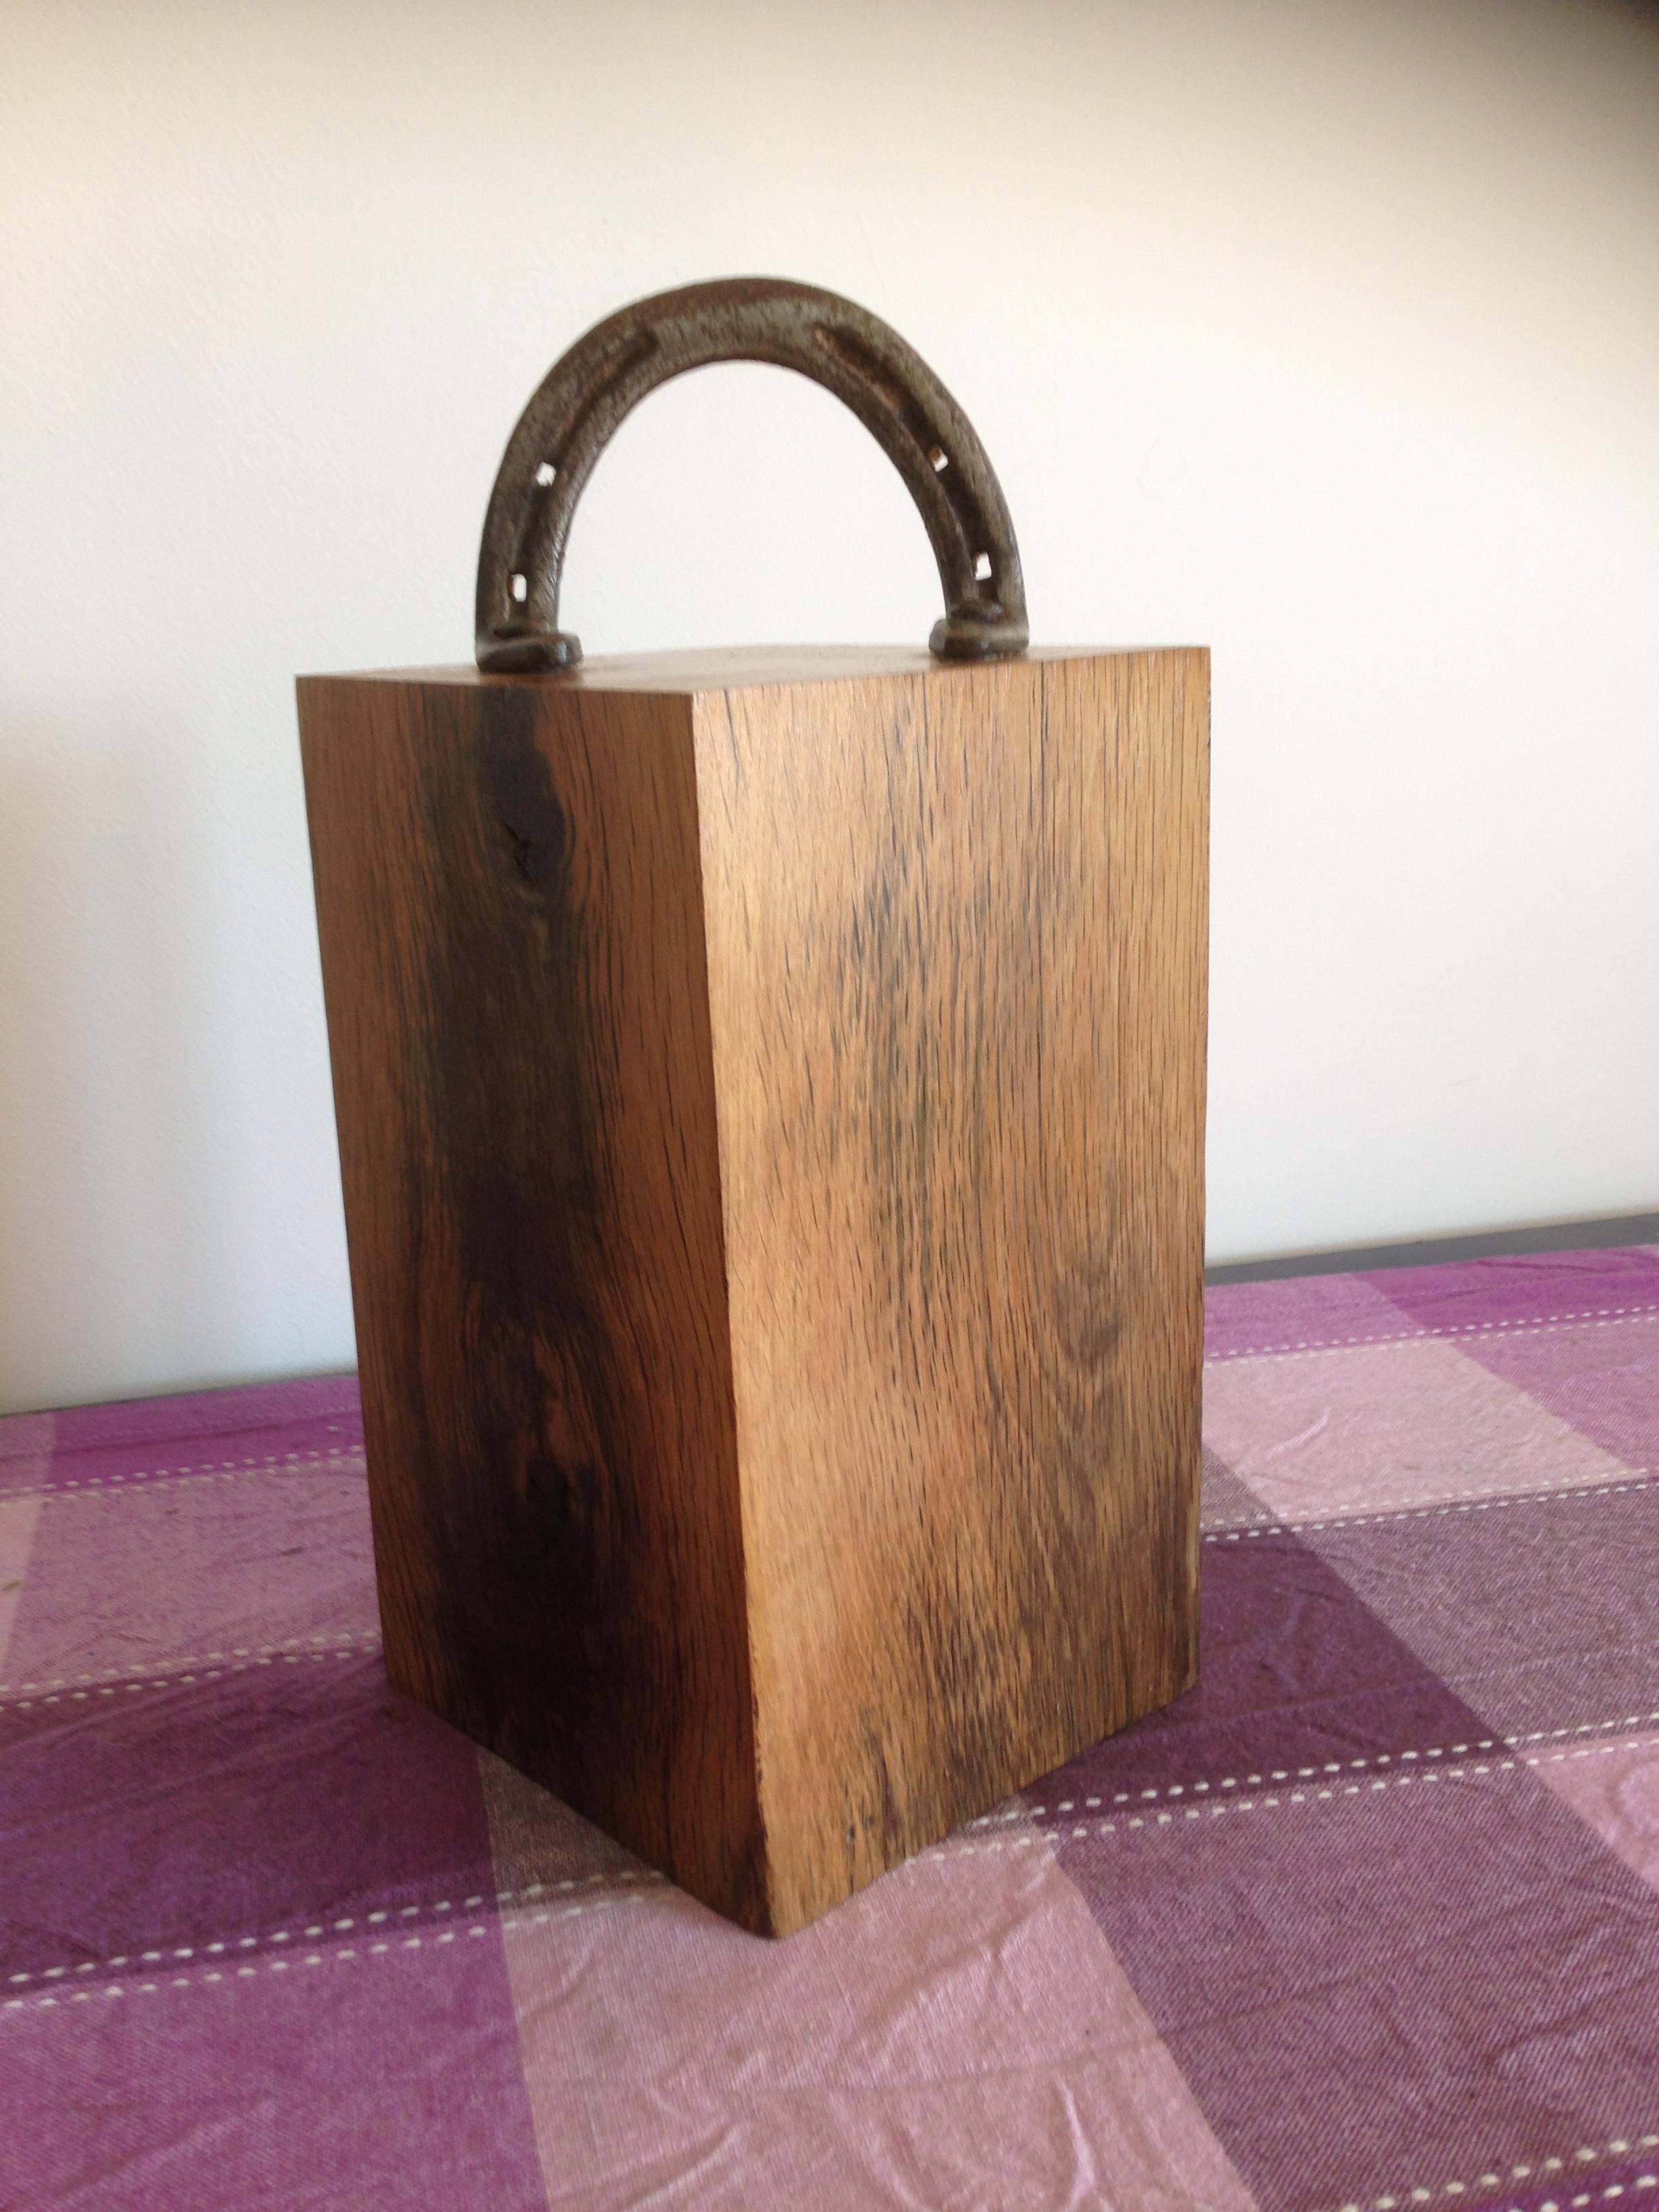 Horse Shoe Door Stop Shaker Woodwork